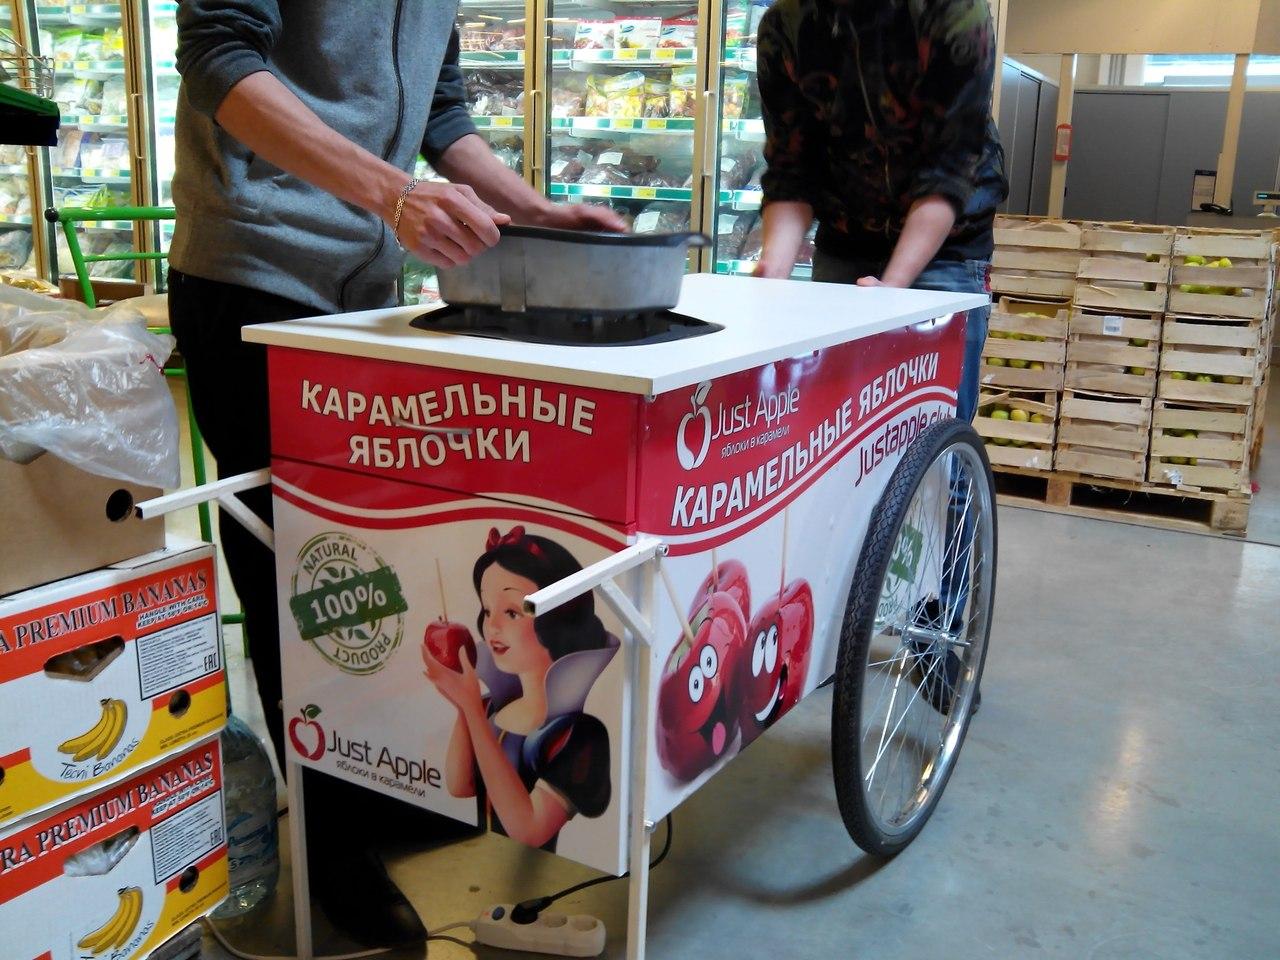 карамелизатор для яблок купить активность